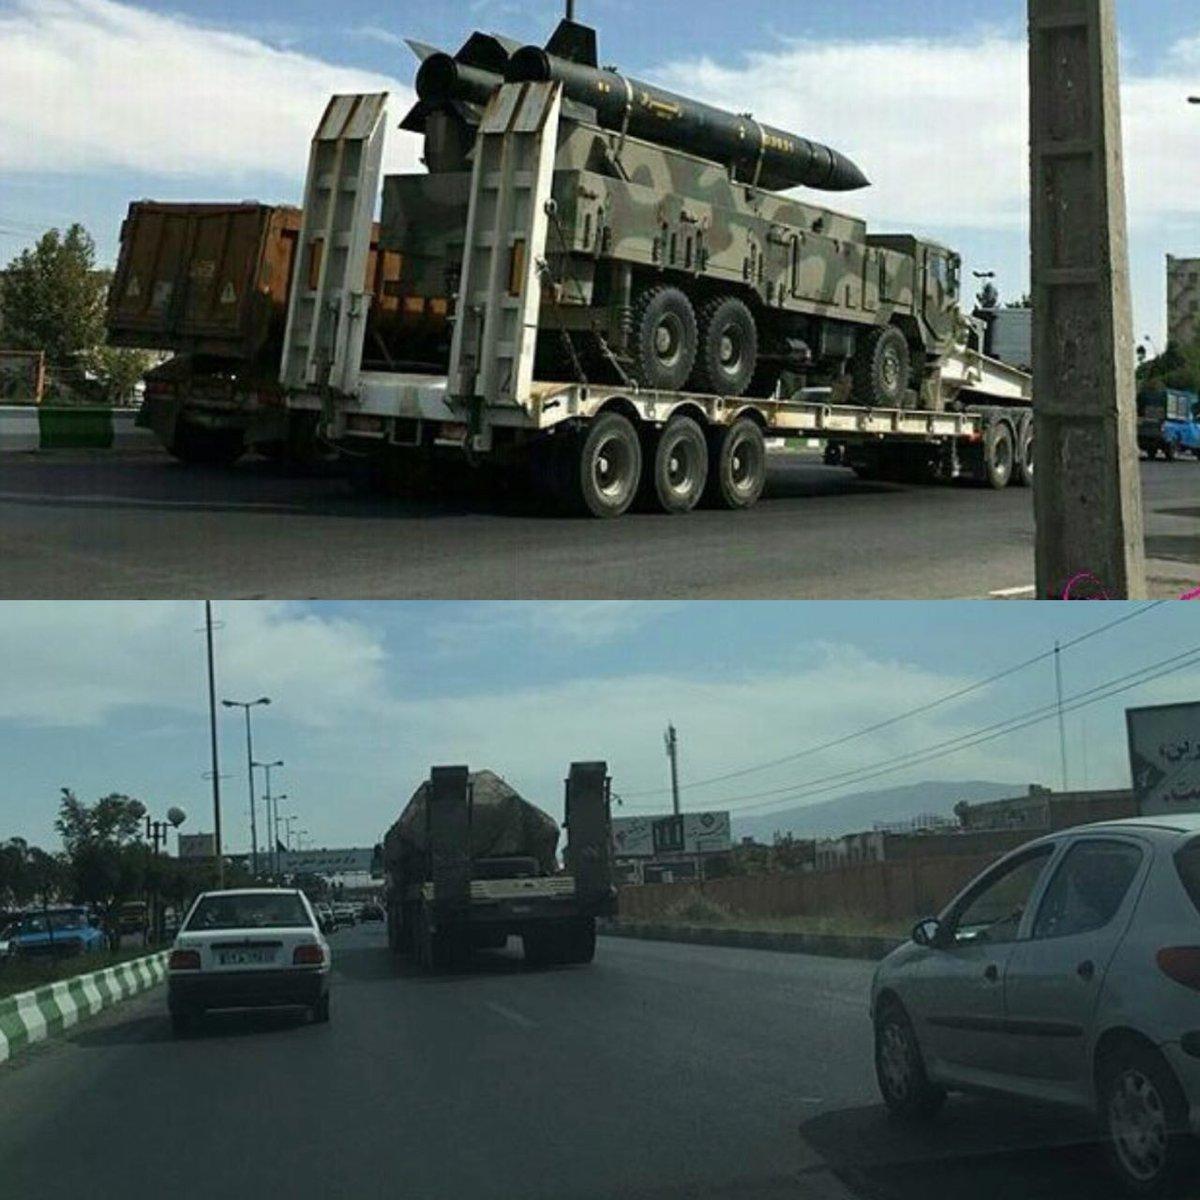 ΕΚΤΑΚΤΟ- Ανοιξαν οι πύλες της κολάσεως στη Μέση Ανατολή: Ο ιρανικός στρατός σφυροκοπά το Ιρακινό Κουρδιστάν- Ανέλαβε δράση και η Αεροπορία – Θα πνίξουν στο αίμα τους Κούρδους με την Τουρκία - Εικόνα4